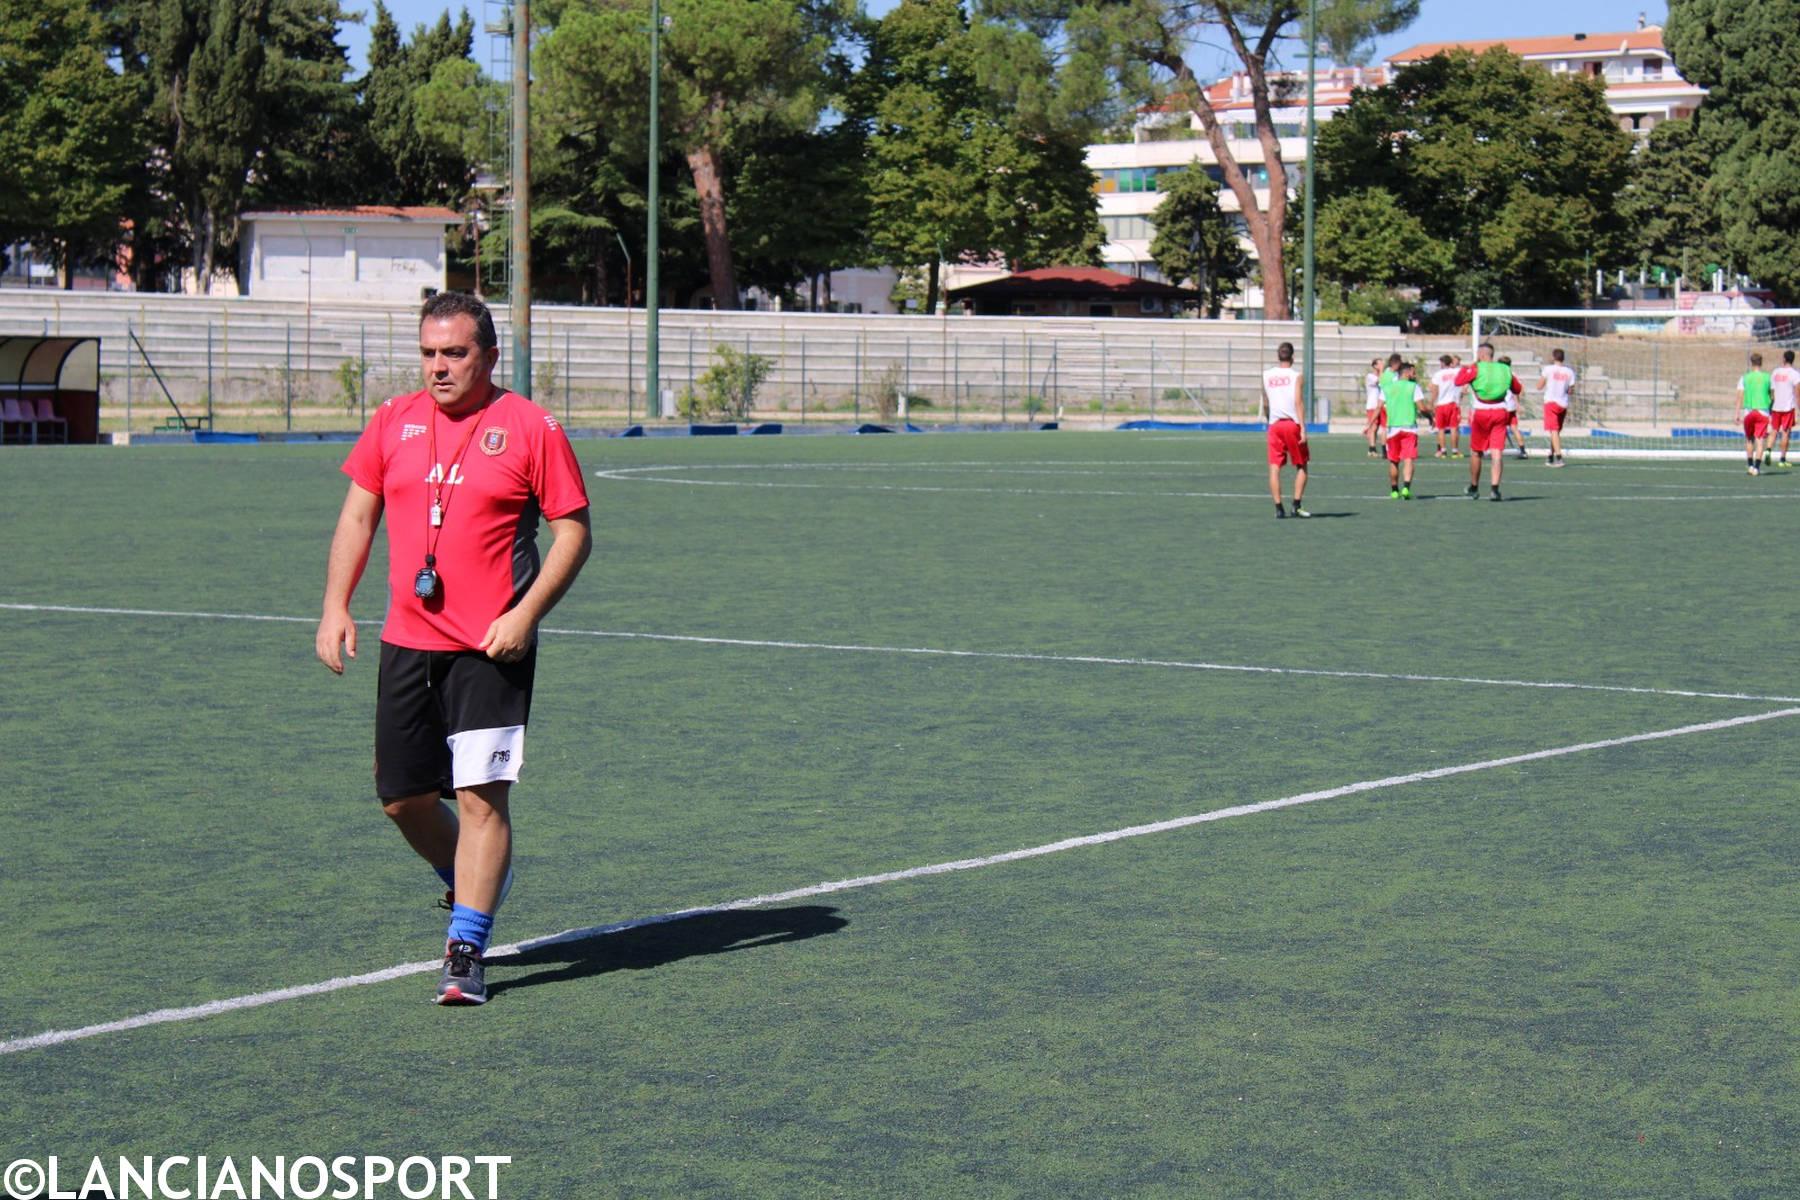 Lanciano di nuovo senza allenatore: anche Lucarelli se ne va